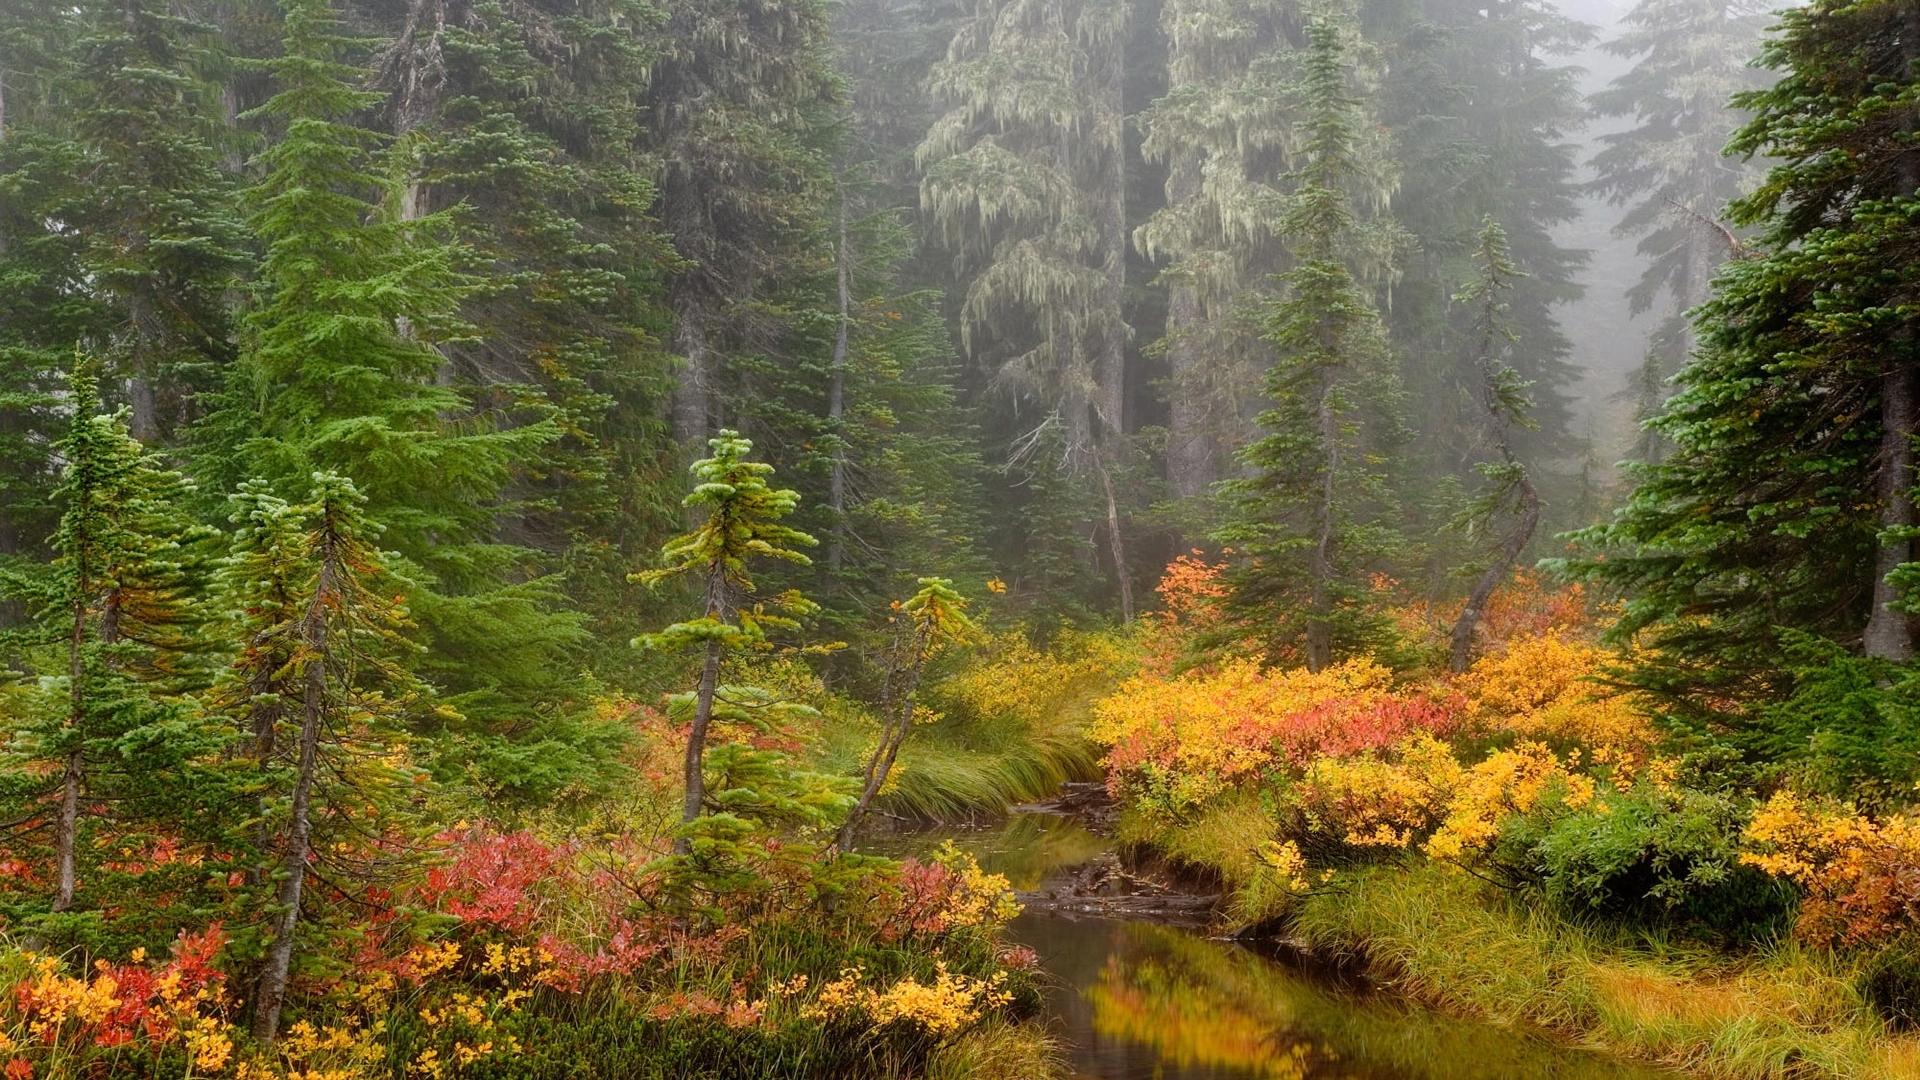 23316 скачать обои Пейзаж, Река, Деревья, Осень - заставки и картинки бесплатно